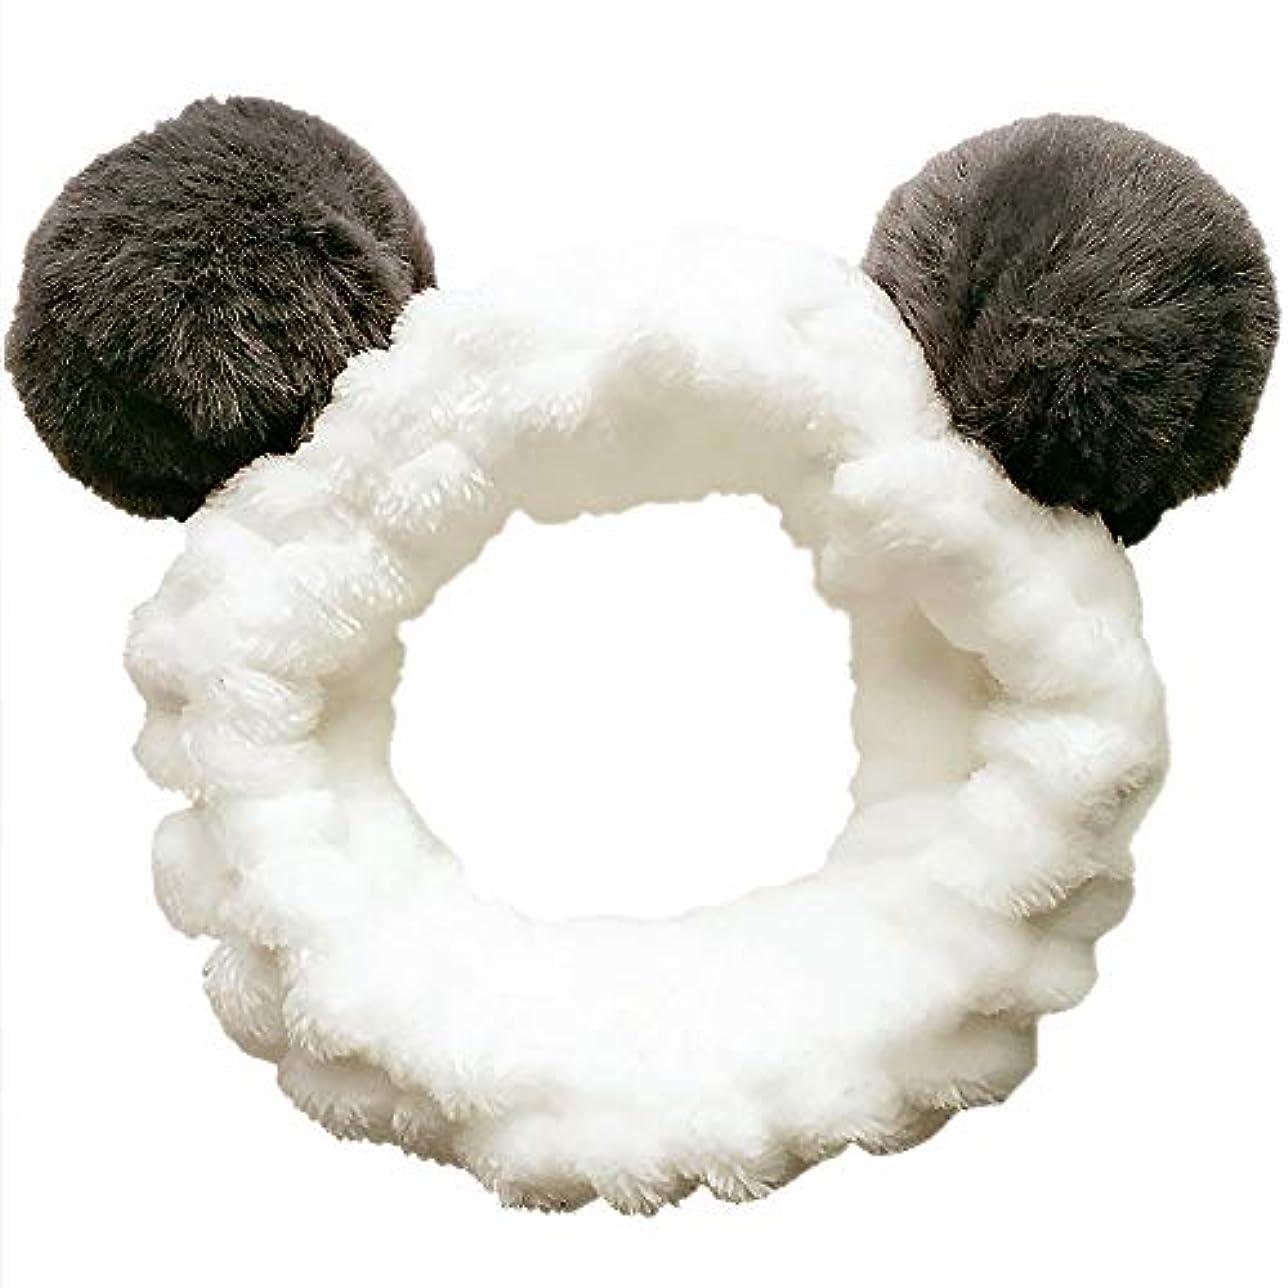 浸透するハム主要なヘアバンド 洗顔 動物 パンダ型 柔らかい 吸水 ターバン レディース ヘアアレンジ 伸縮性あり アニマル ふわふわ